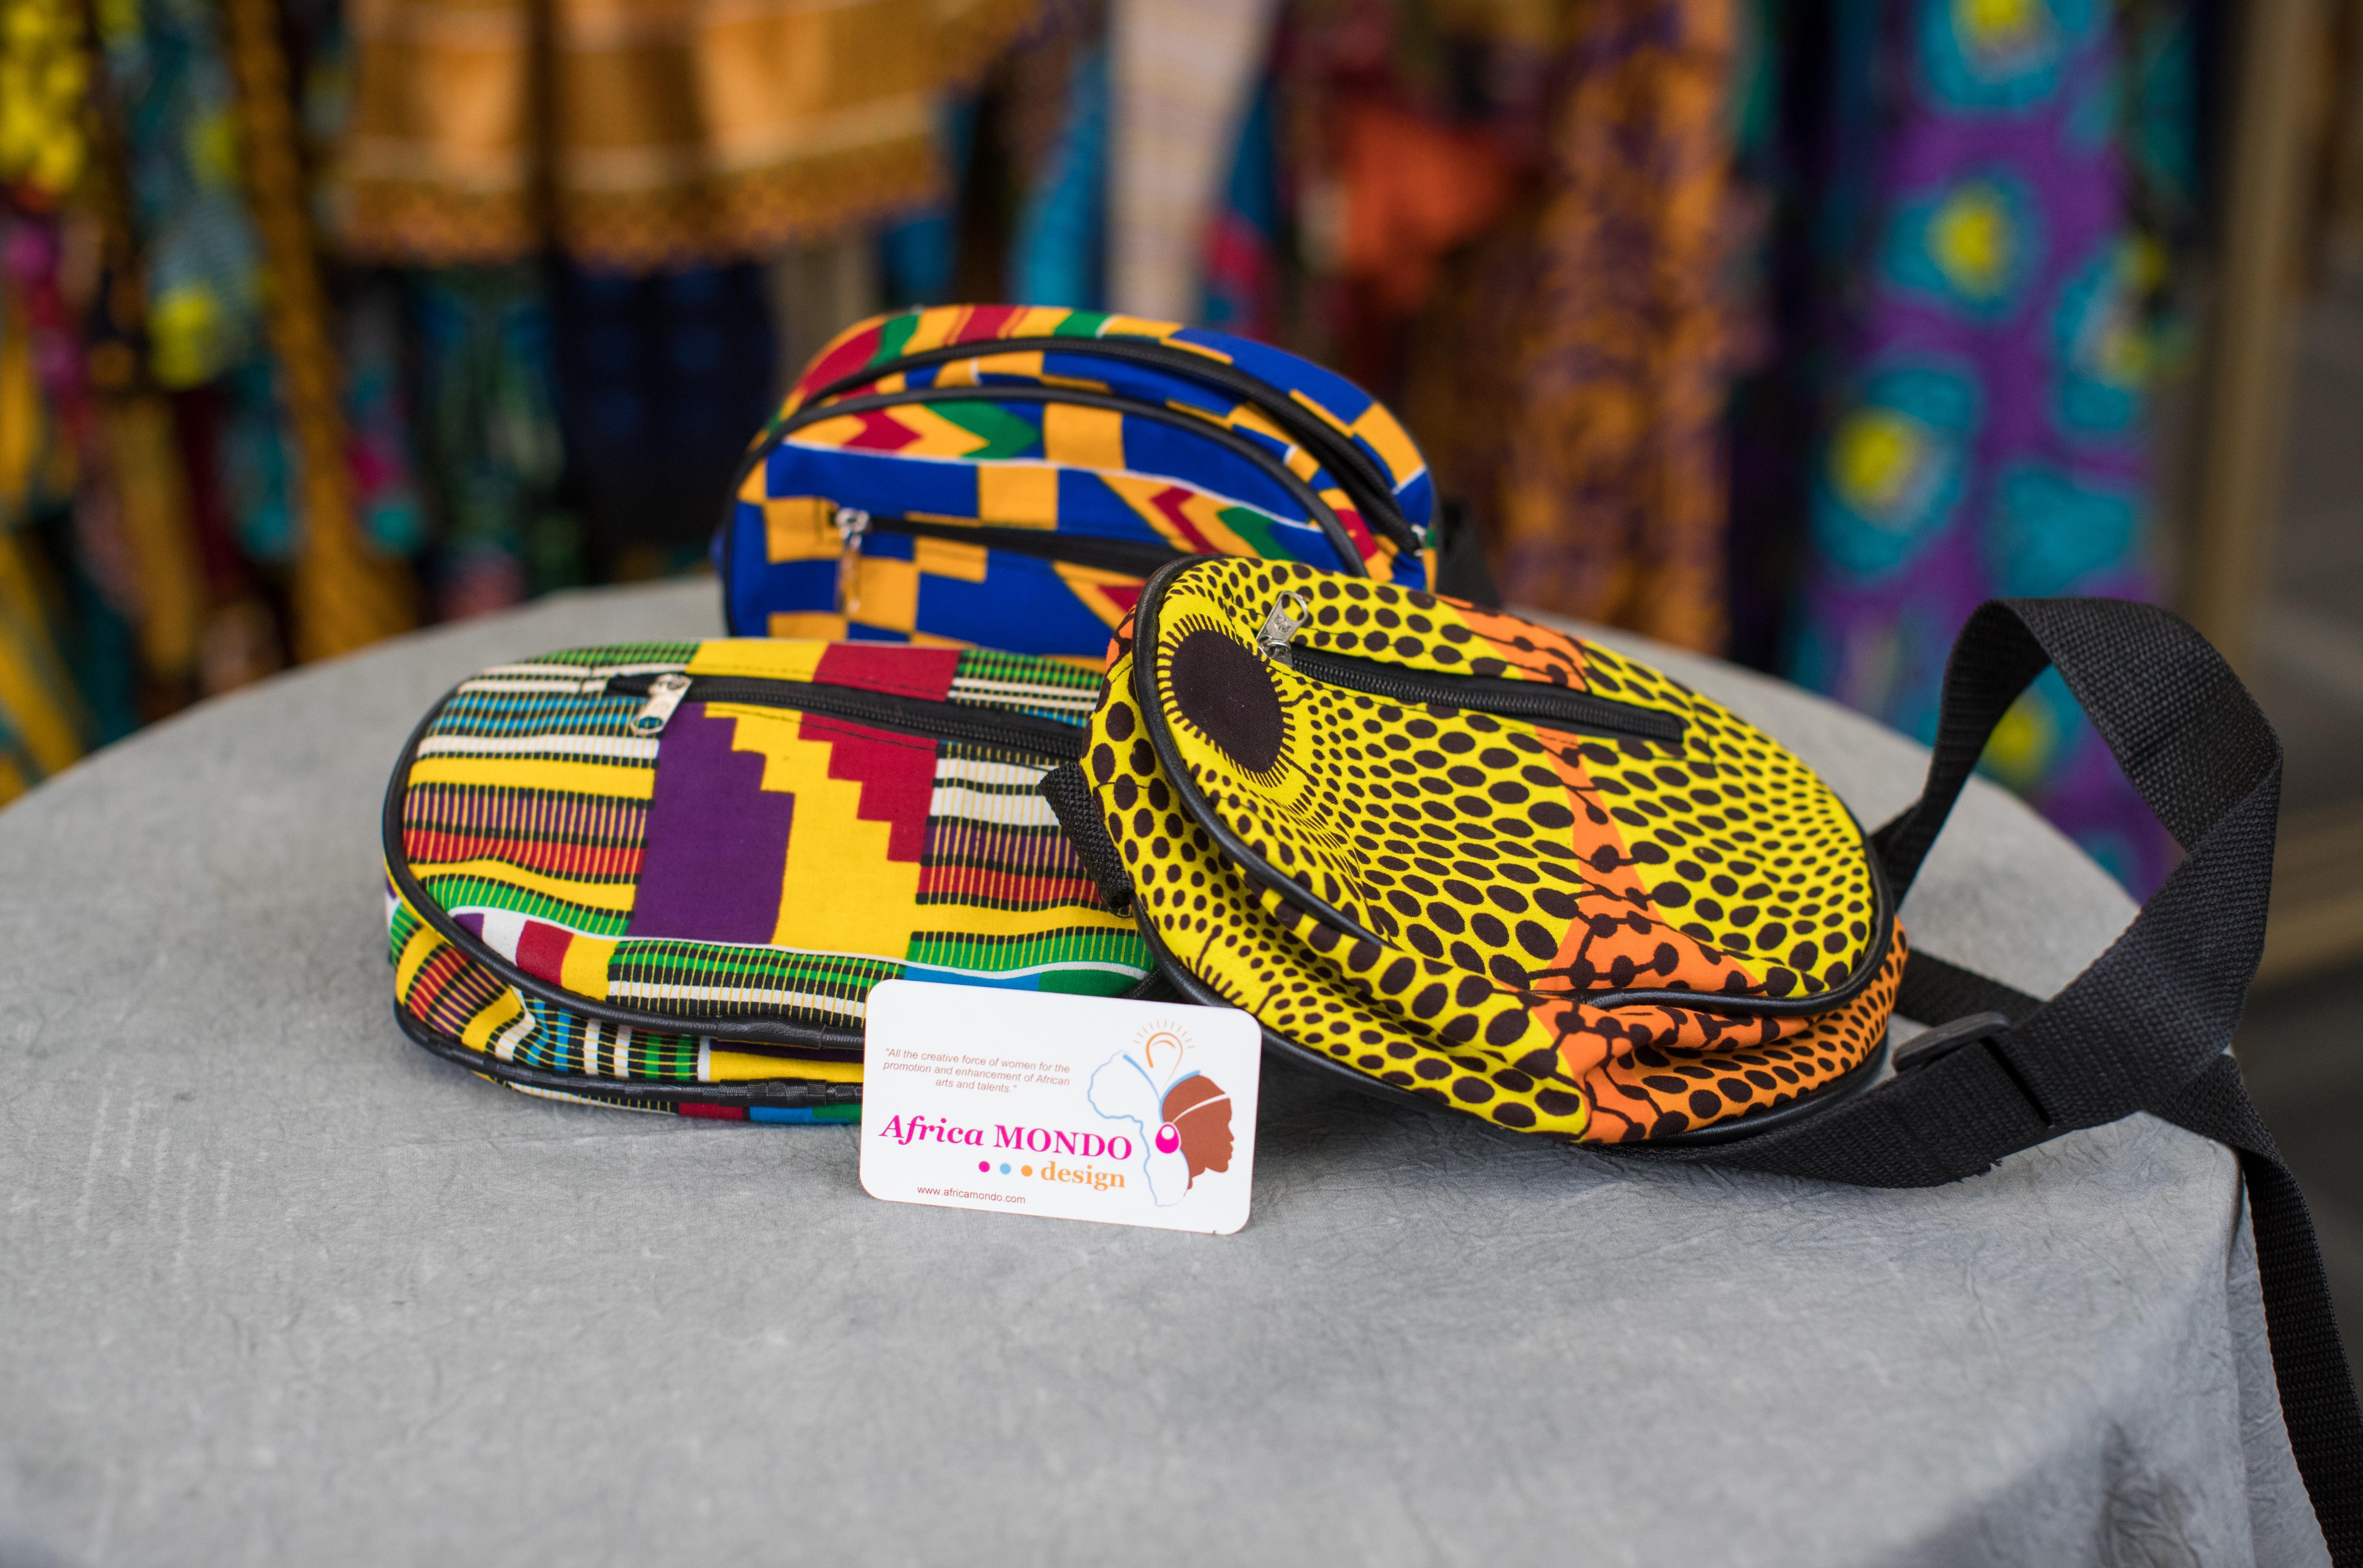 Africa Mondo Design